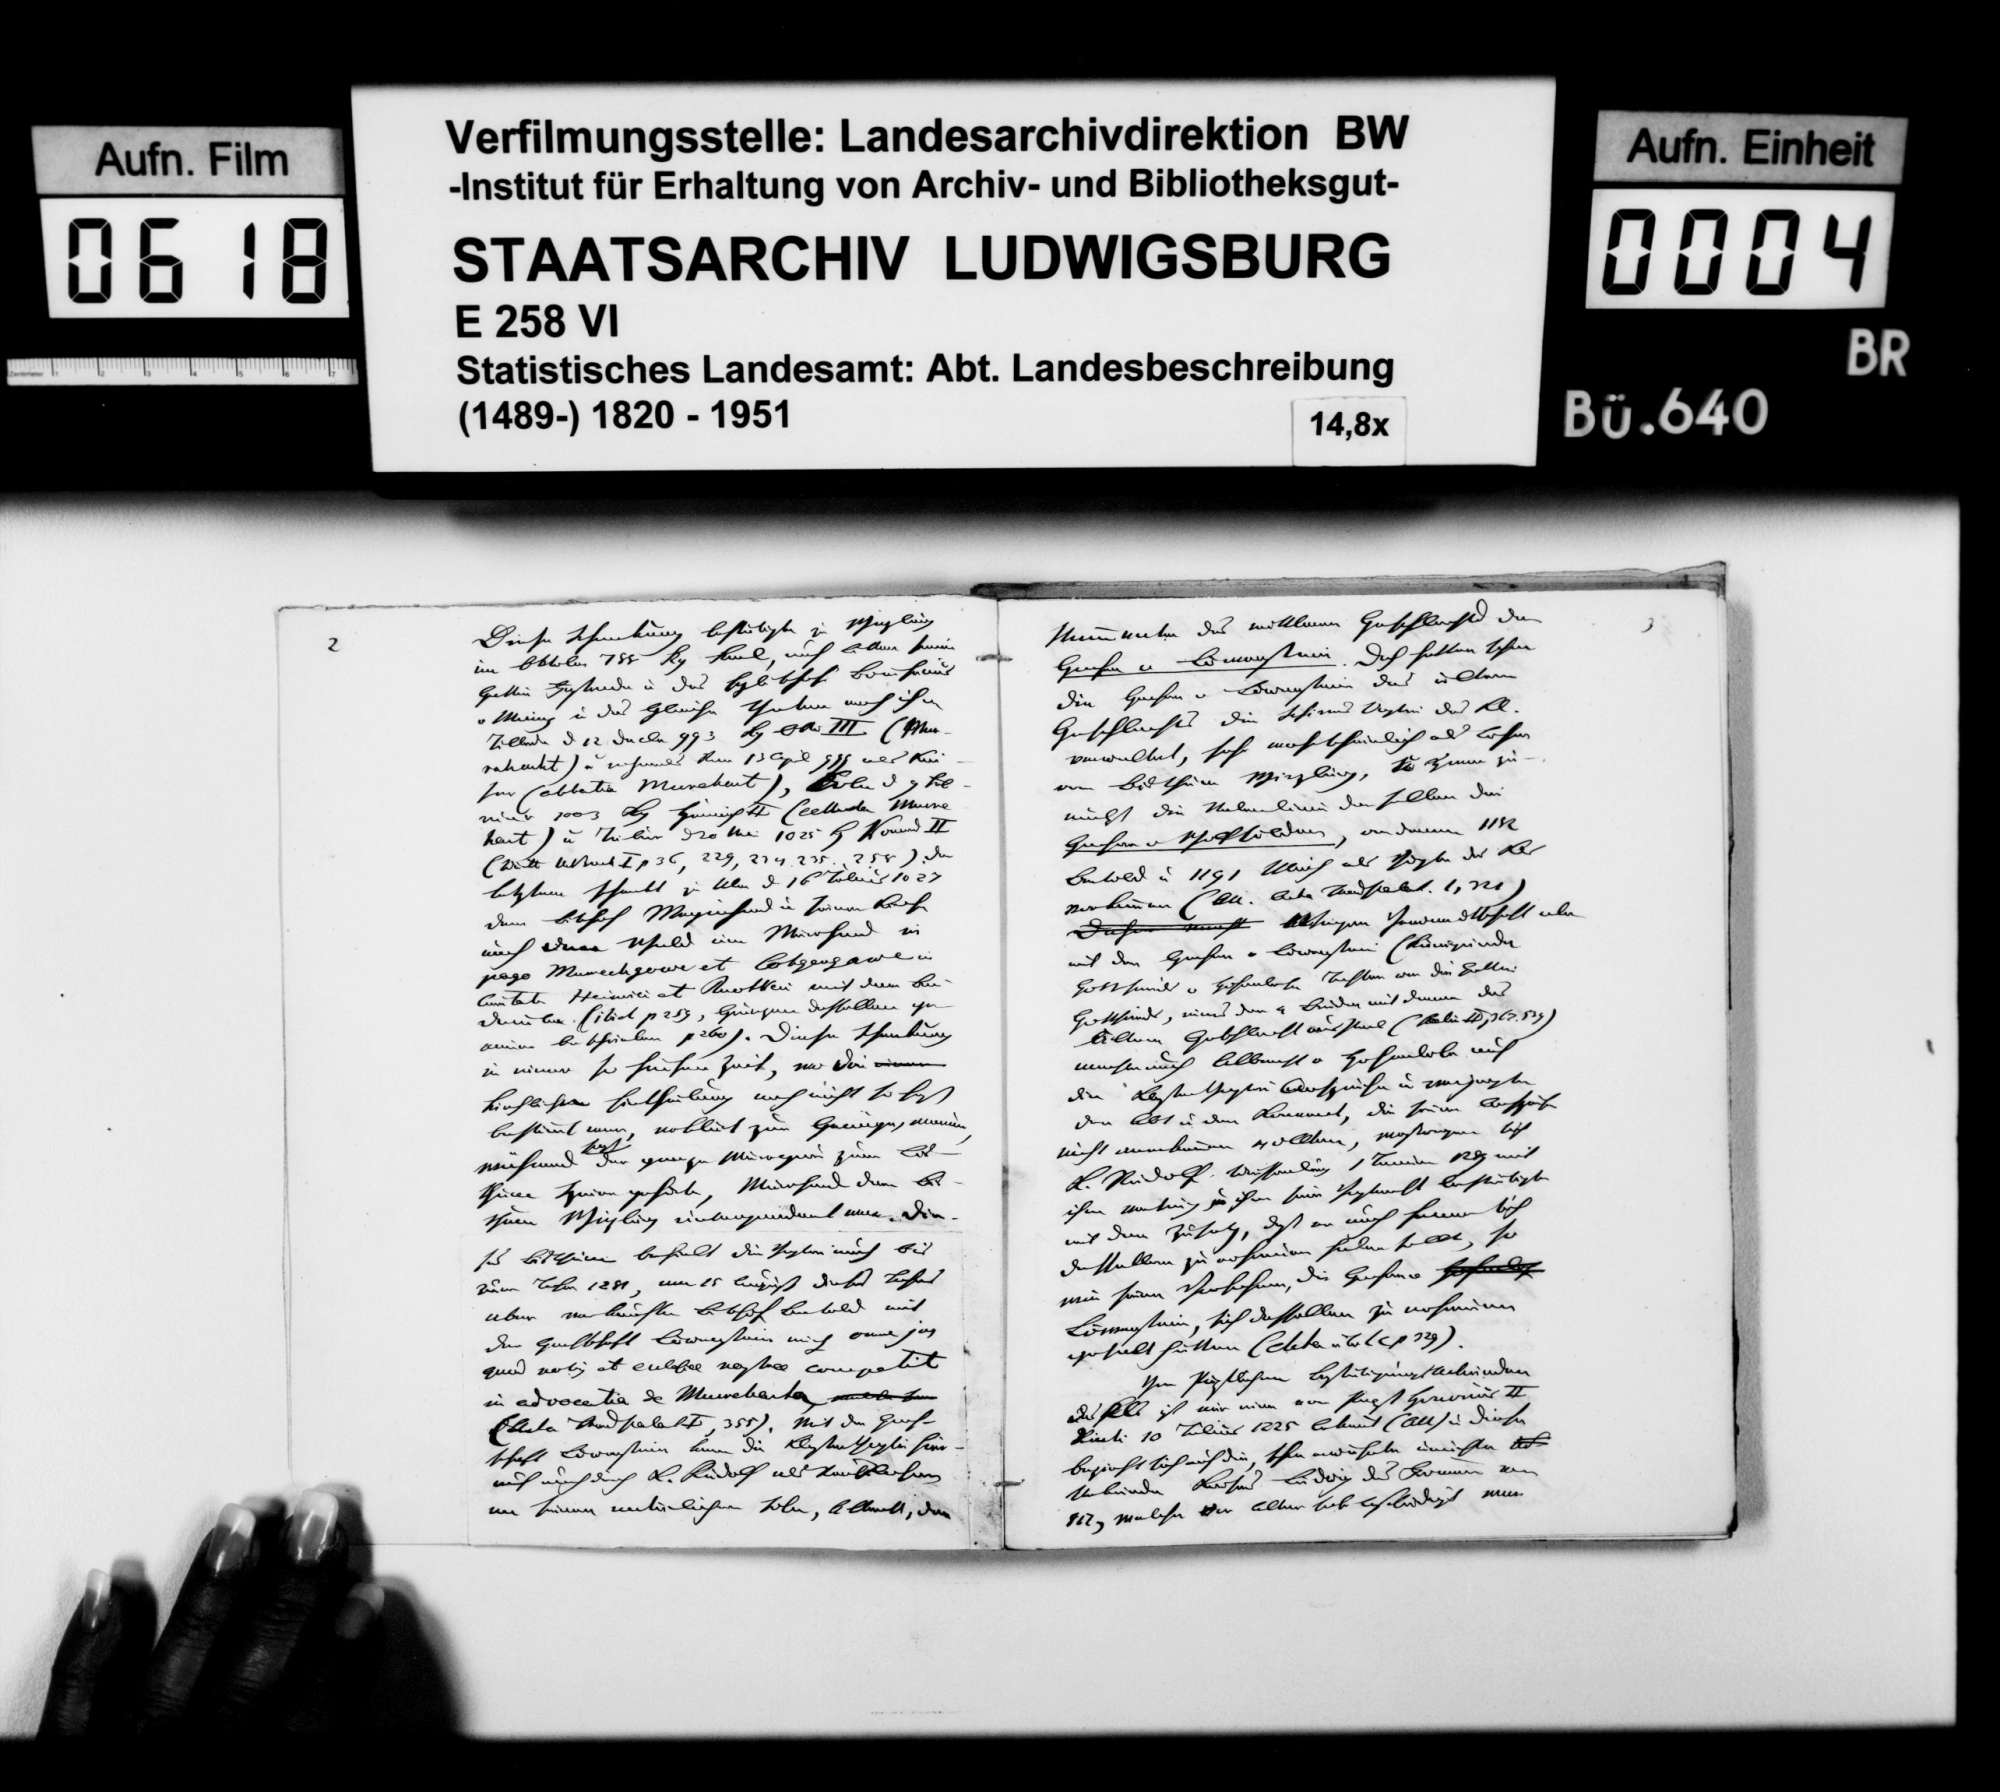 Beiträge des [Esslinger Konrektors] Karl Pfaff zur historiographischen Beschreibung des Oberamts, Bild 3